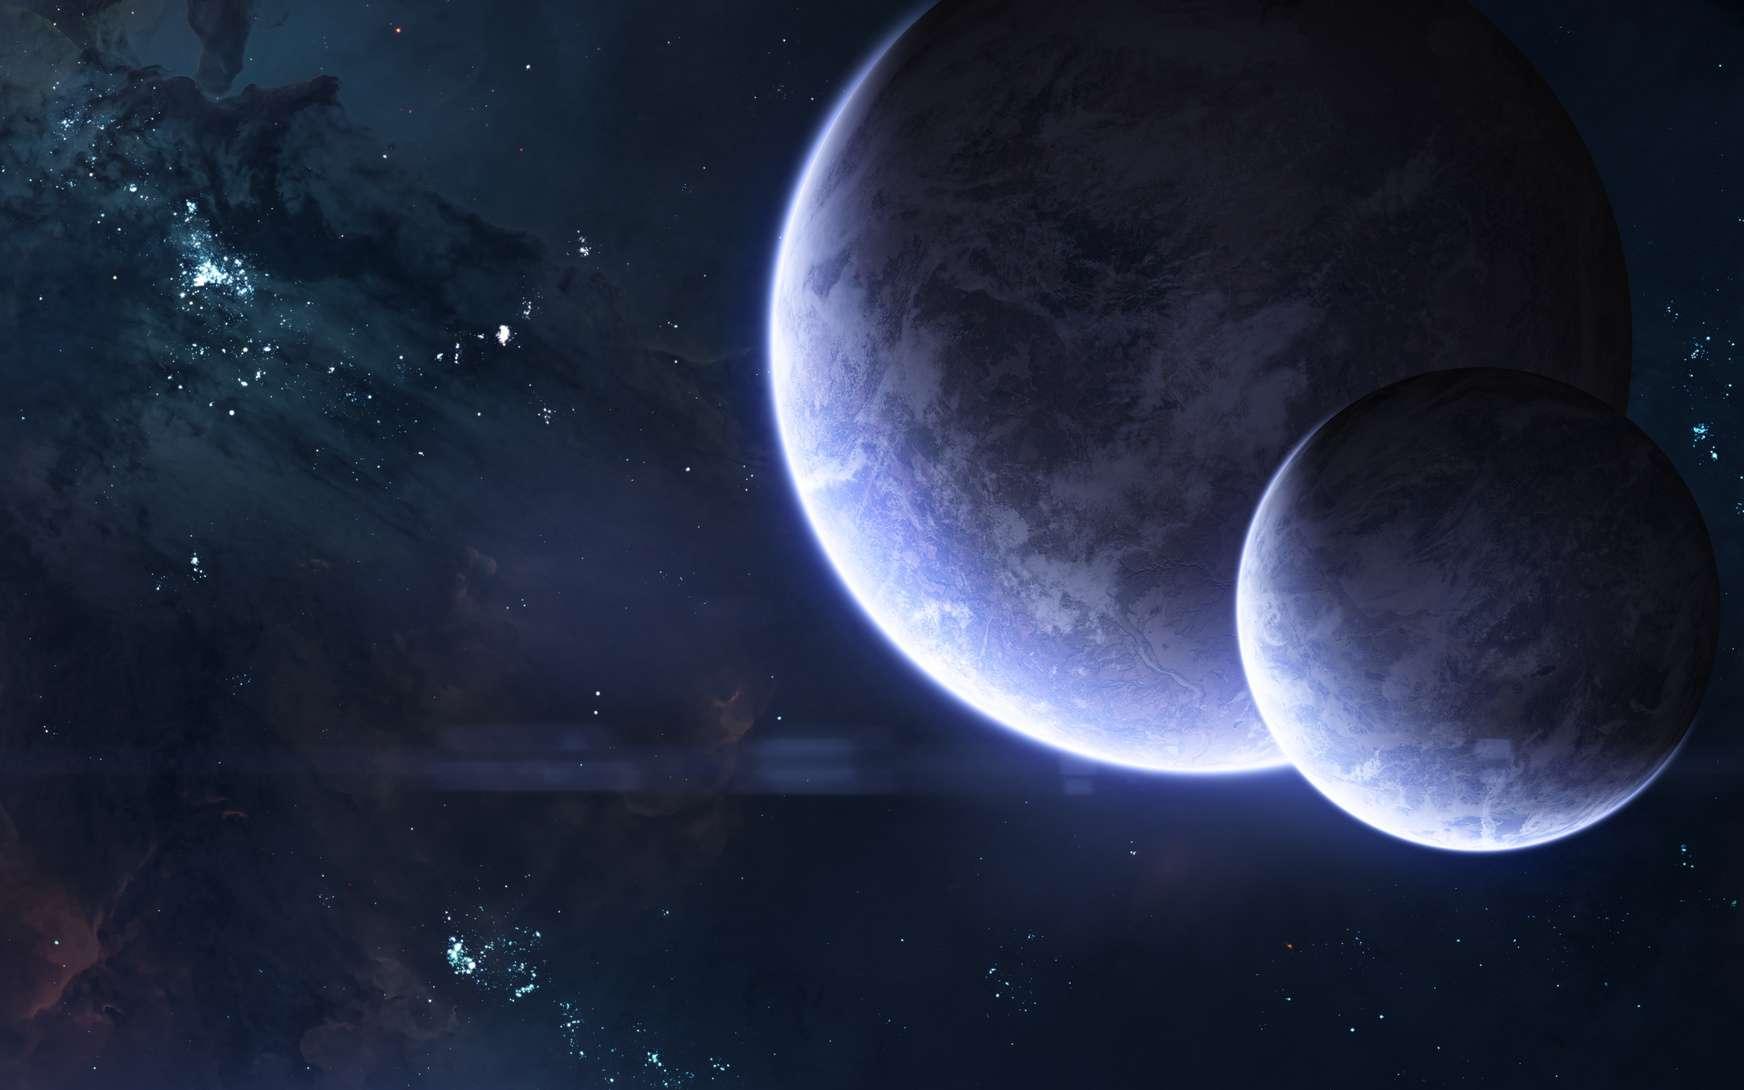 Illustration de deux exoplanètes. © Aaron Alien, fotolia